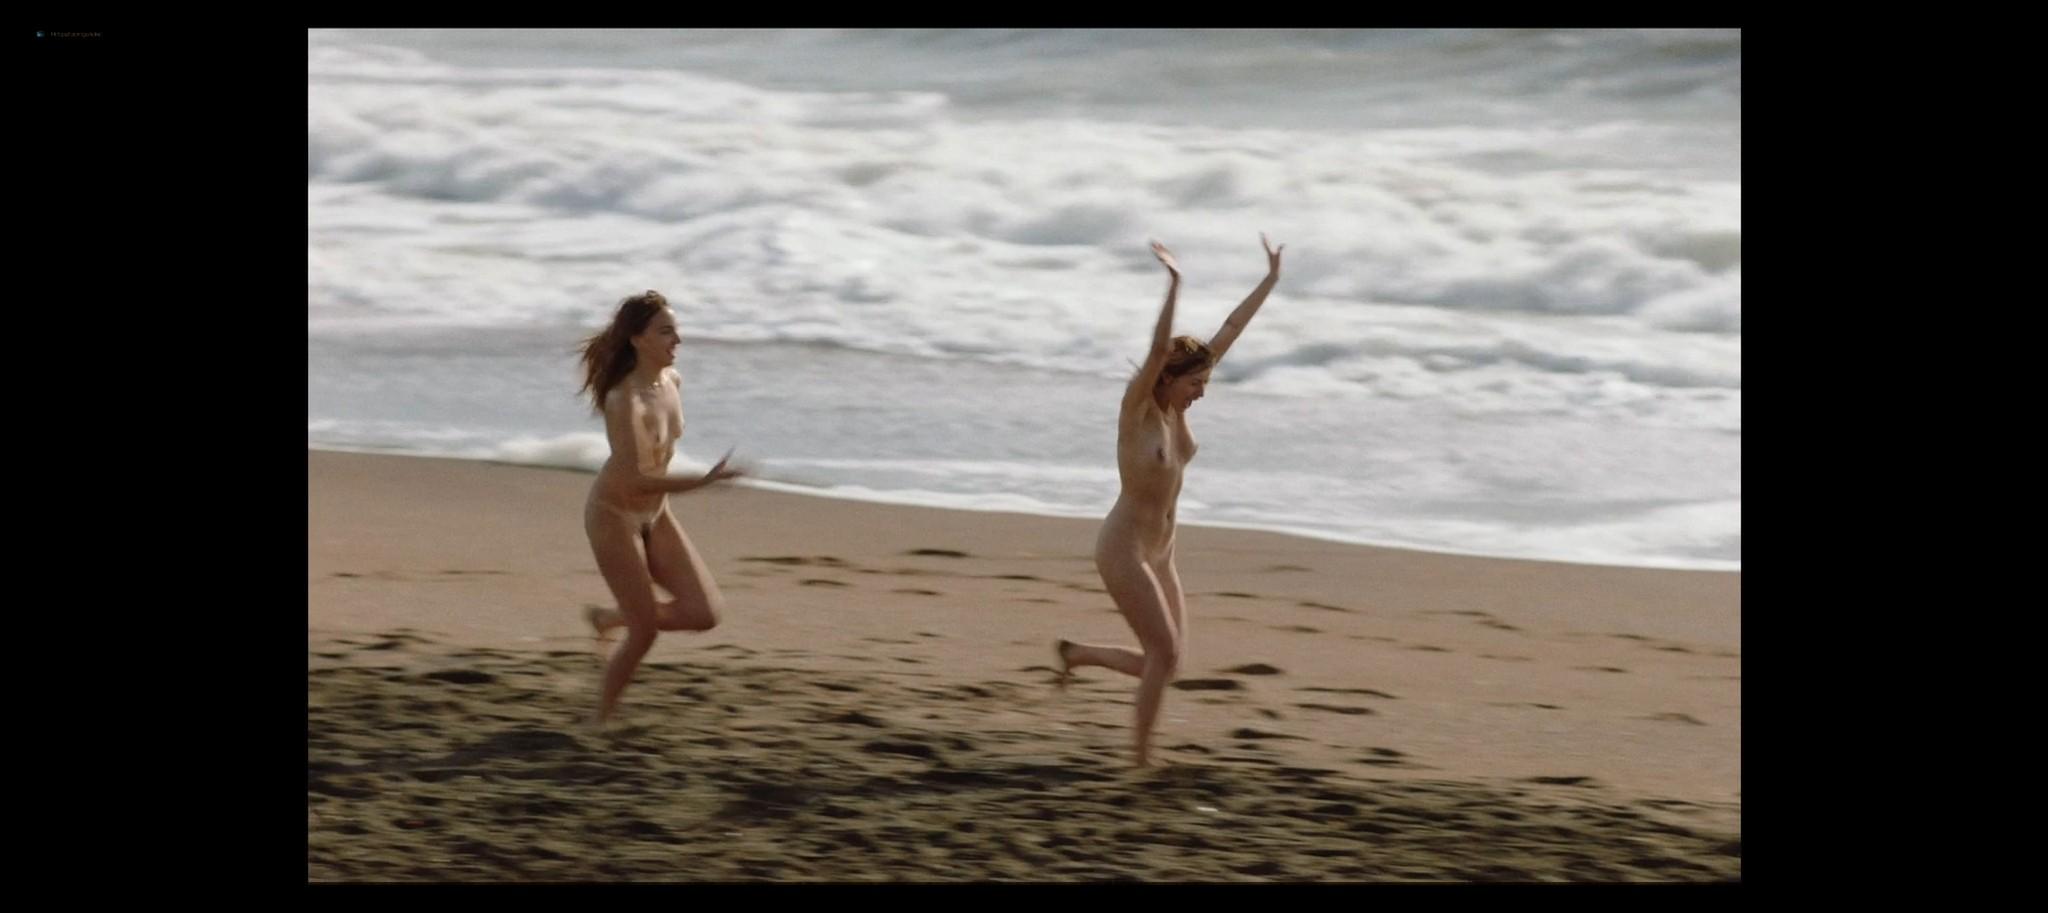 Laura Chiatti nude Antonia Fotaras and others nude bush and topless Addio al nubilato IT 2021 1080p Web 11